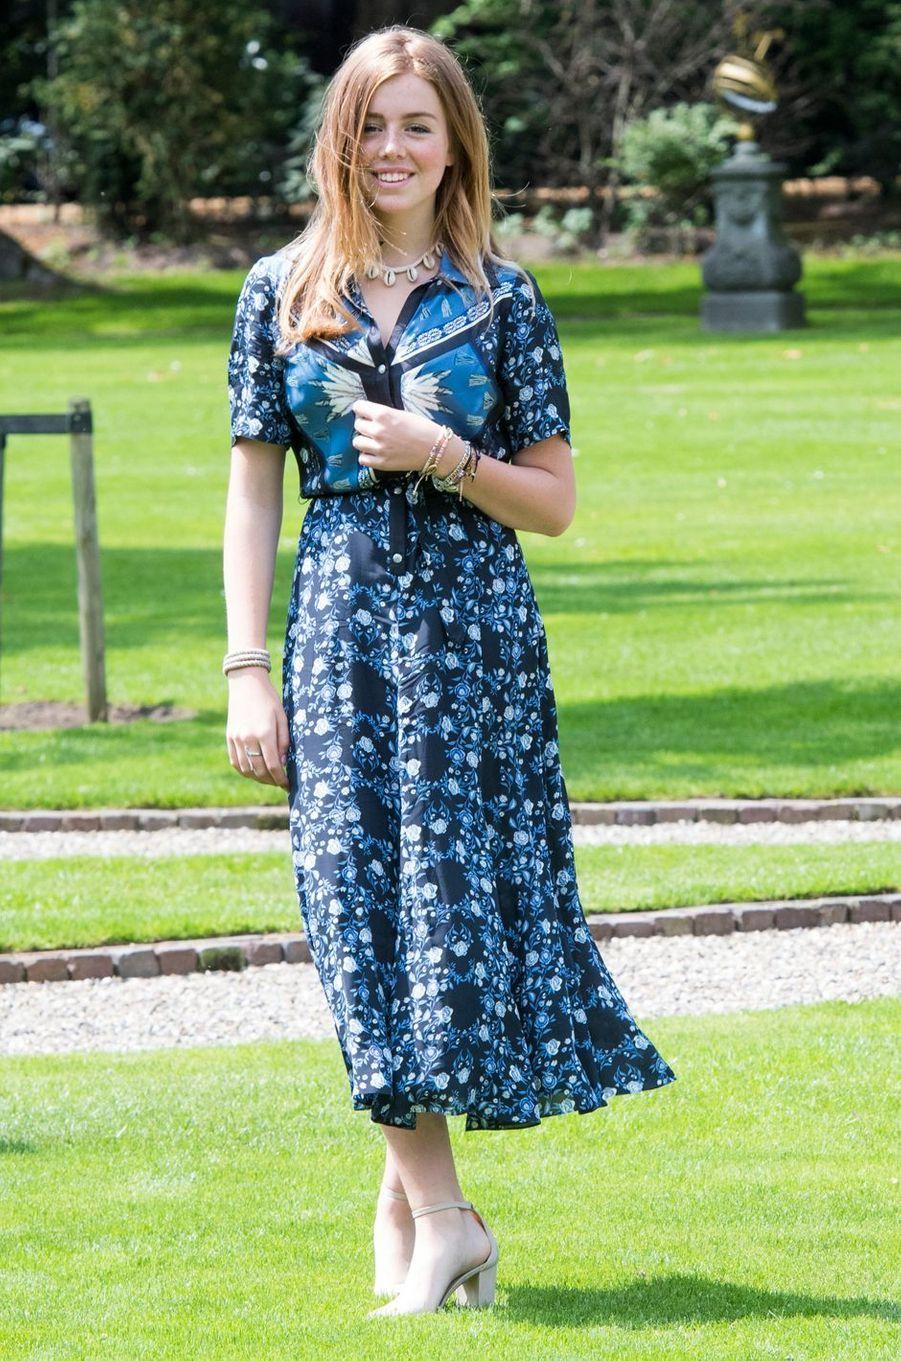 La princesse Alexia des Pays-Bas à La Haye, le 19 juillet 2019